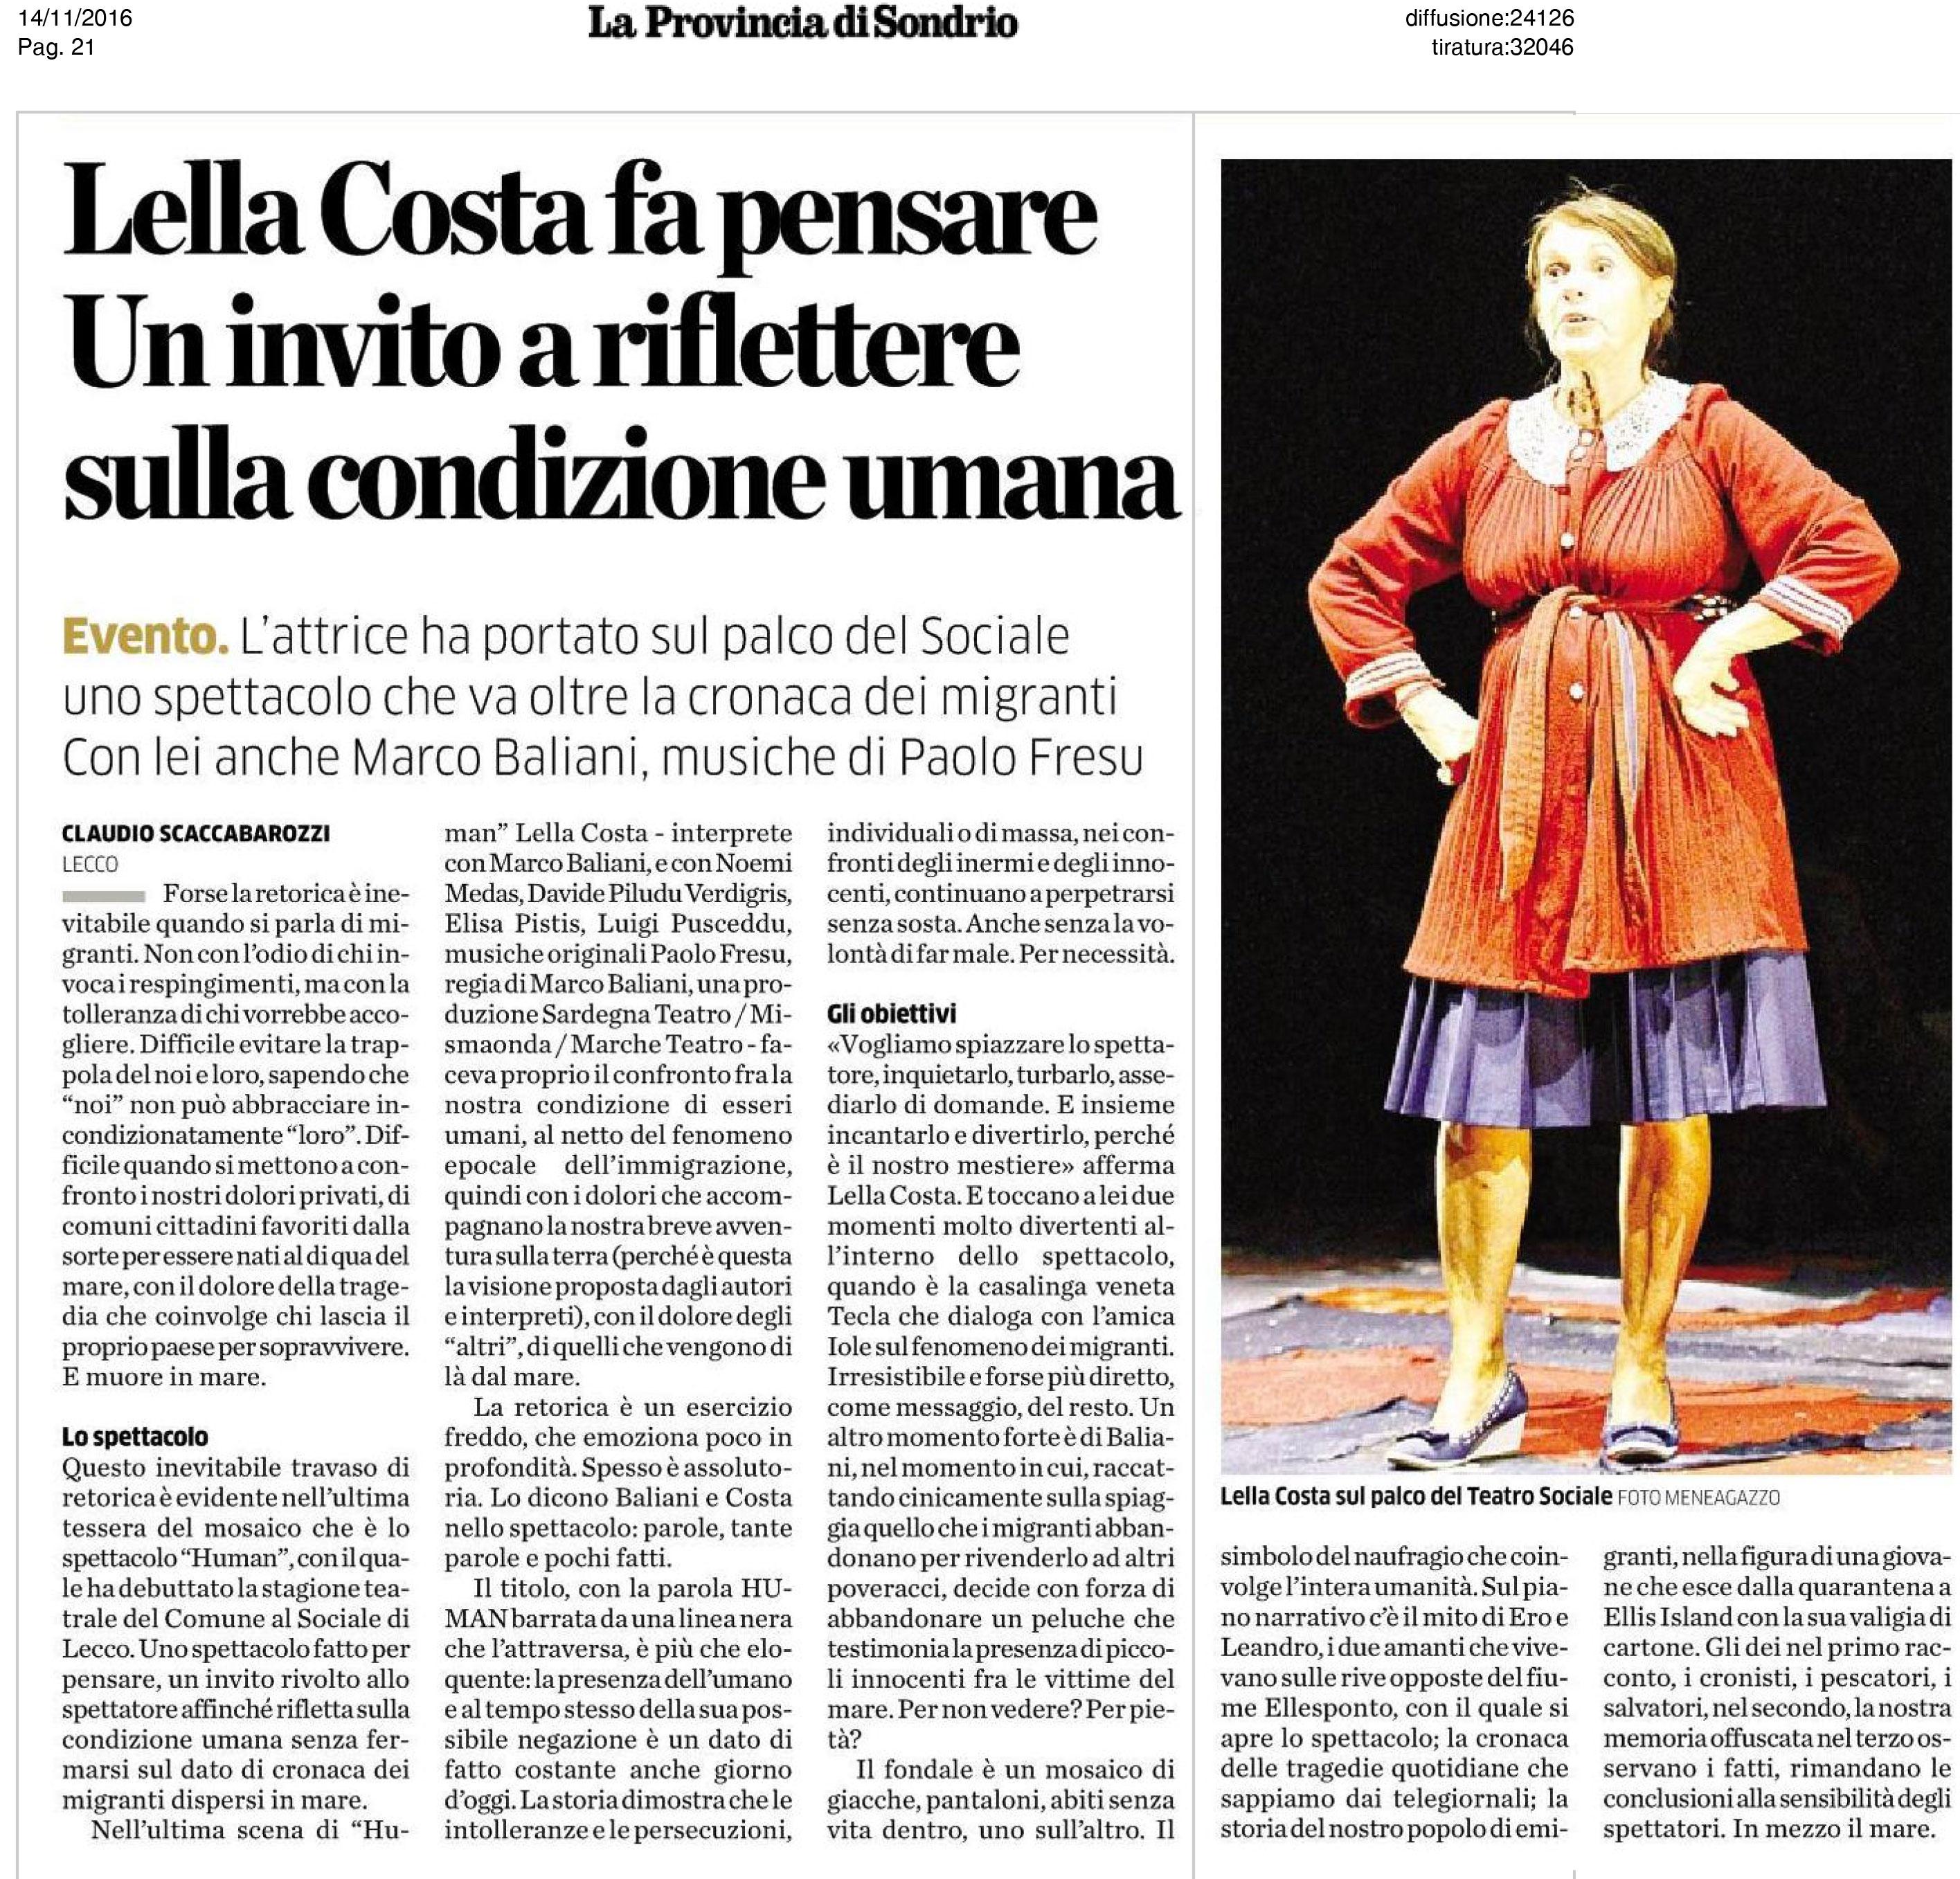 20161114_lella-costa-fa-pensare-un-invito-a-riflettere_la-provincia-di-sondrio-1